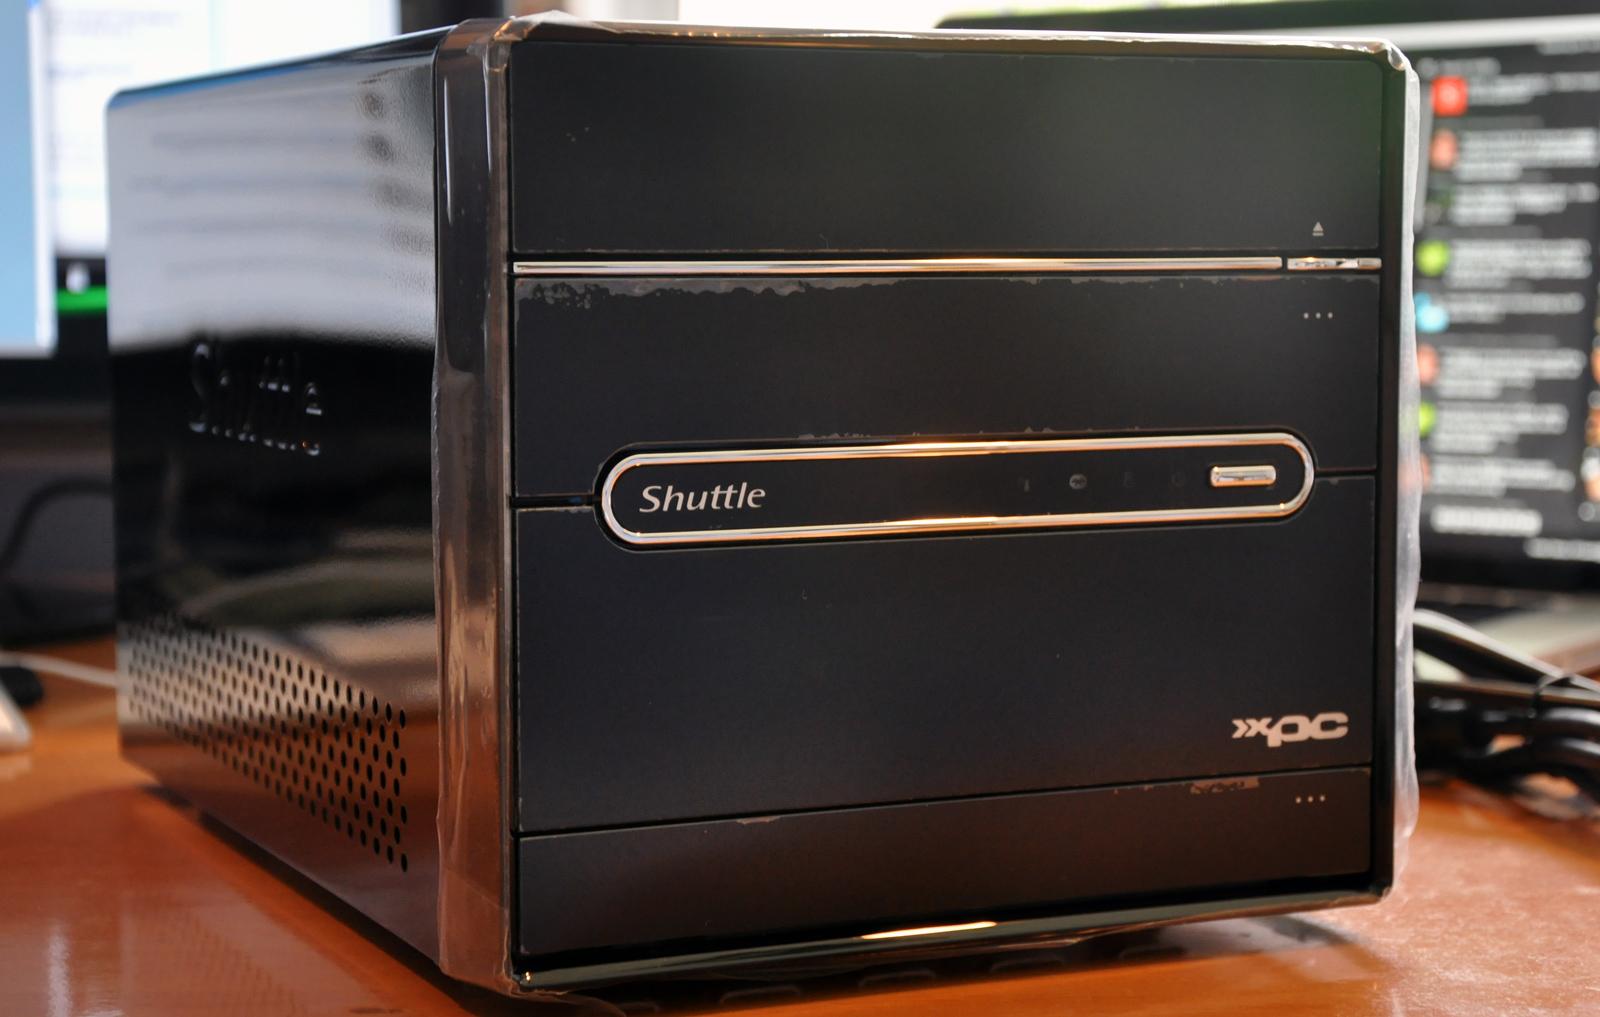 Shuttle SX58H7 Intel Chipset Drivers Mac